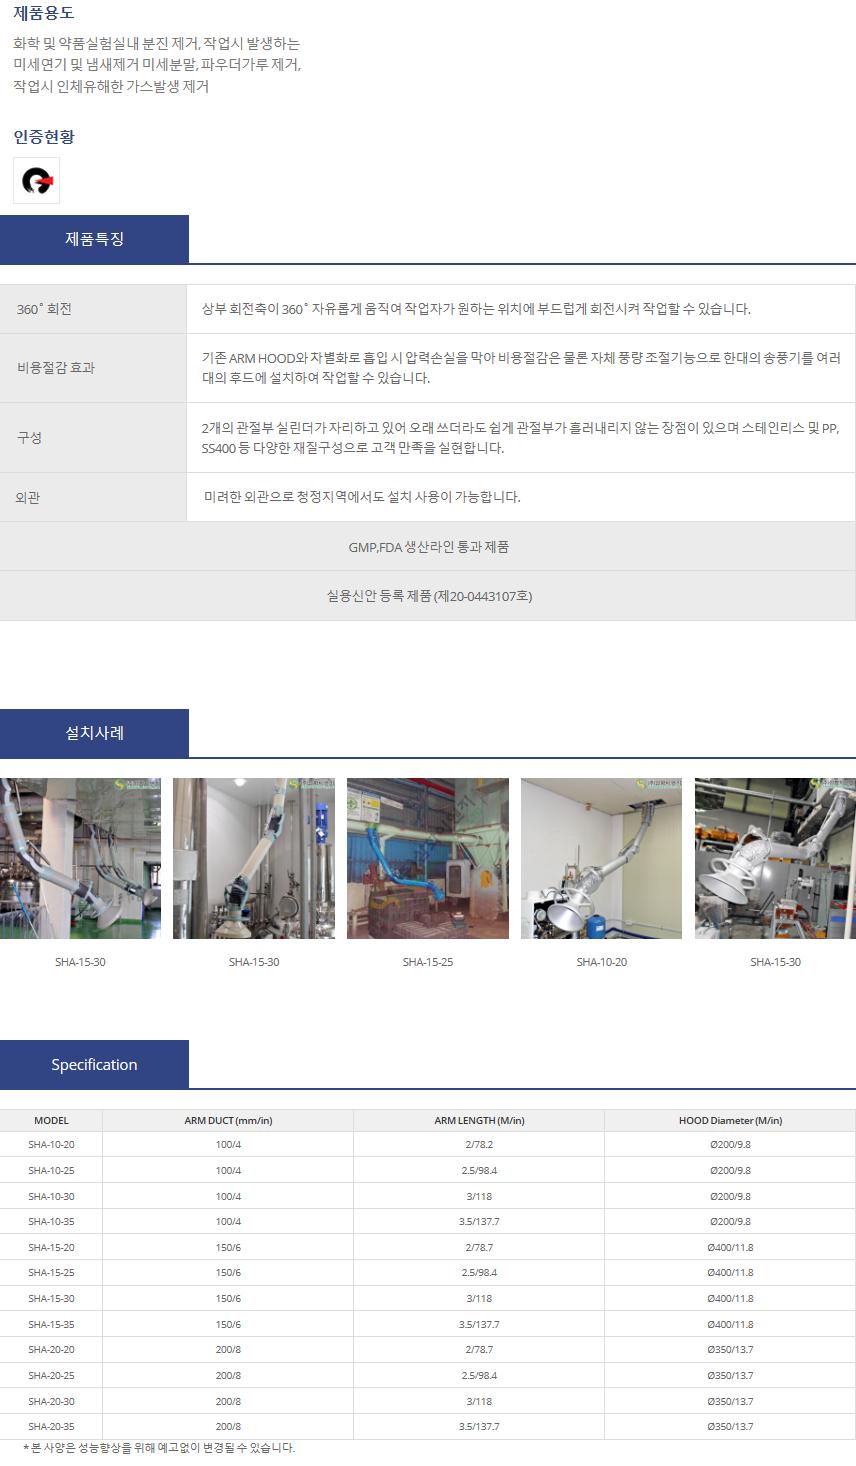 (주)삼화이엔지 산업용 암후드 SHA Series 1